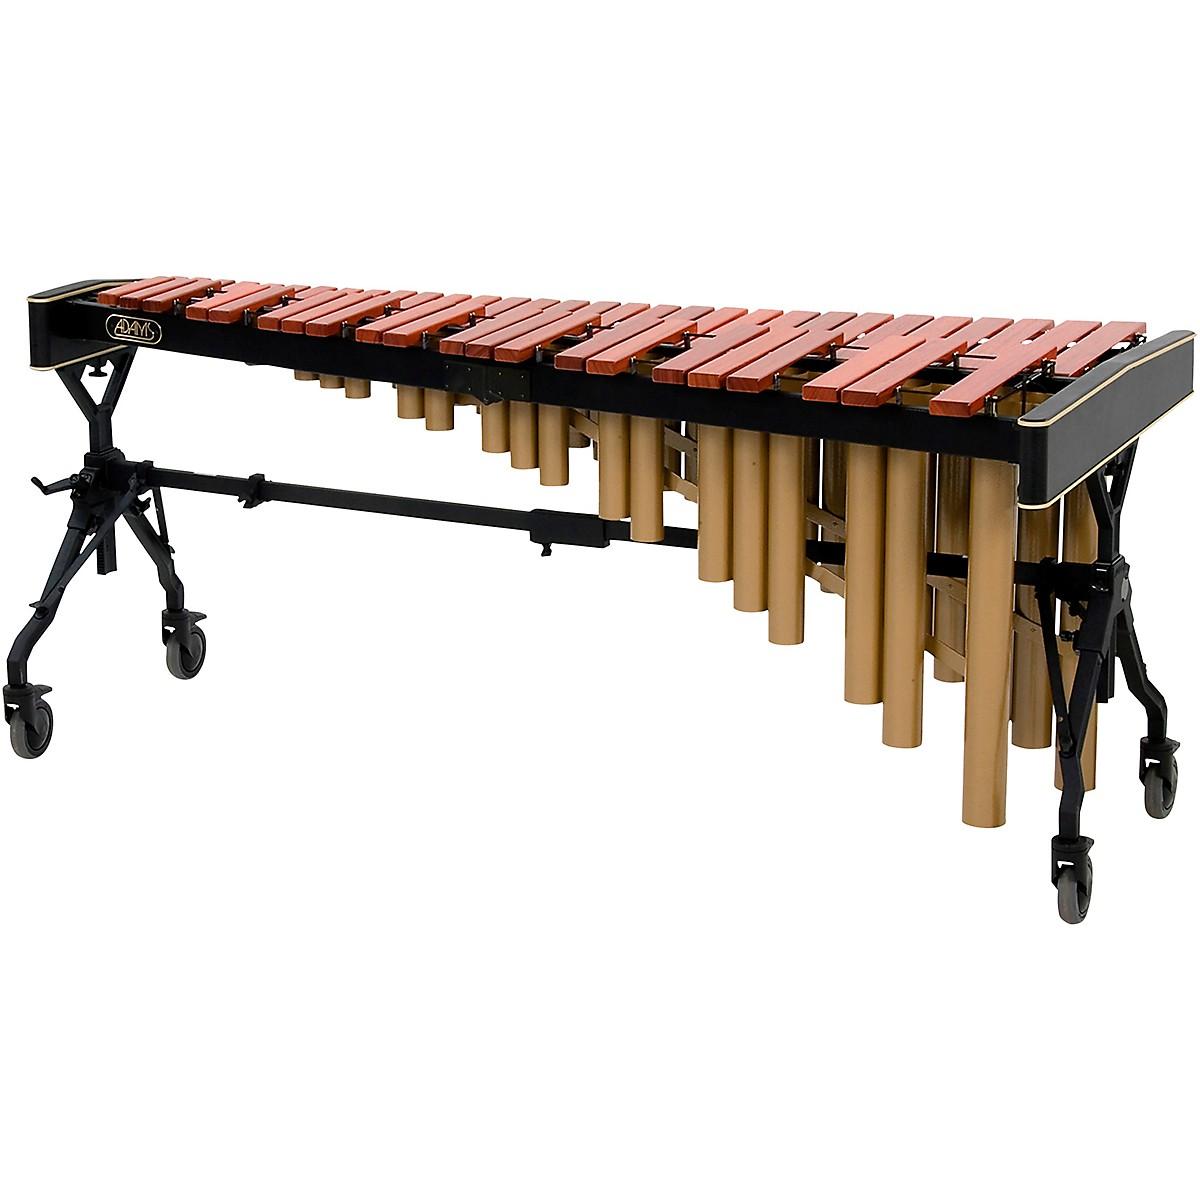 Adams Concert Series 4.3 Octave Padouk Marimba with Voyager Frame